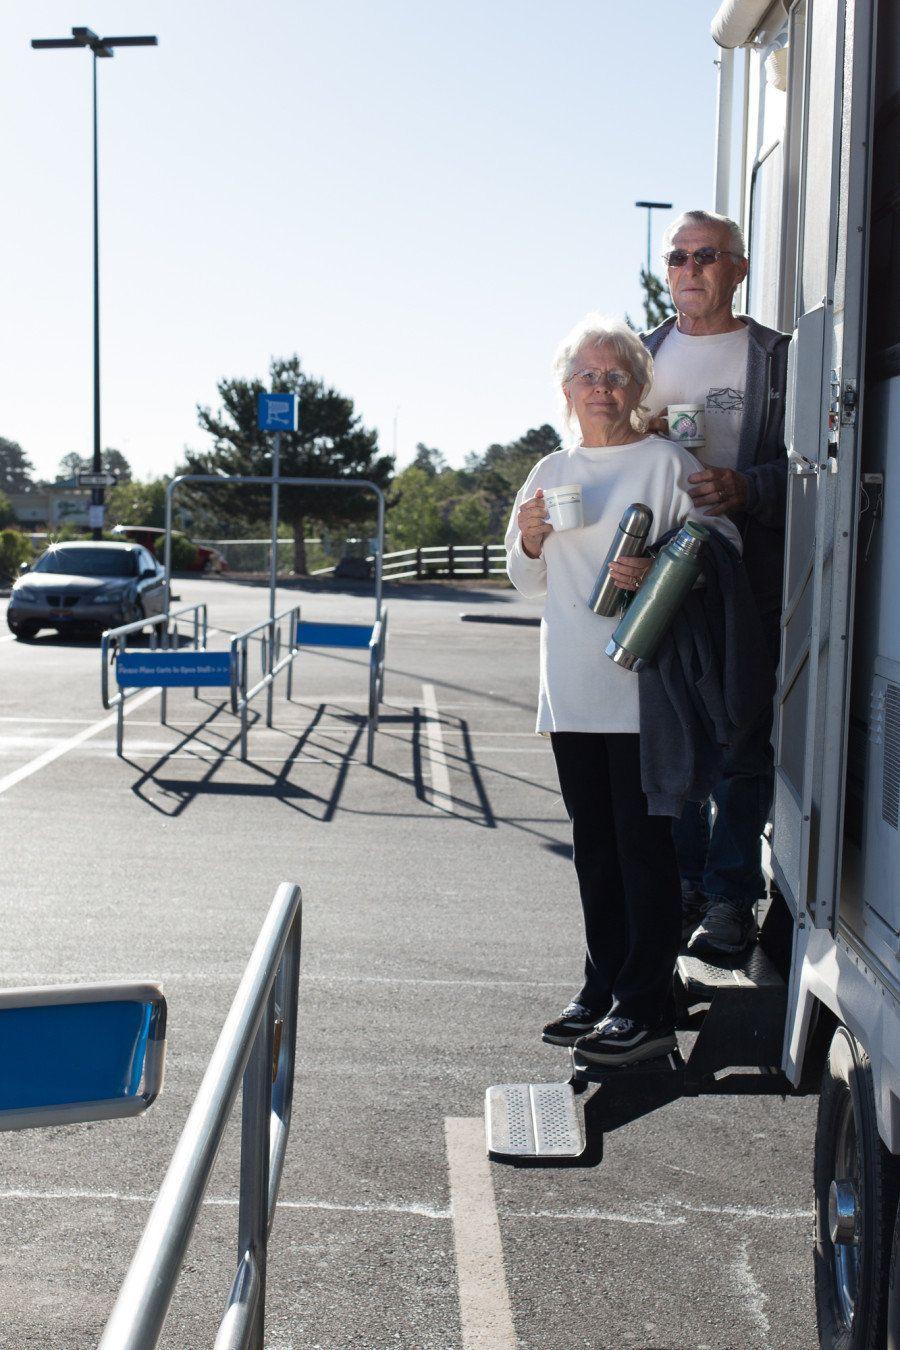 ウォルマートの駐車場に泊まる、現代のノマドたち